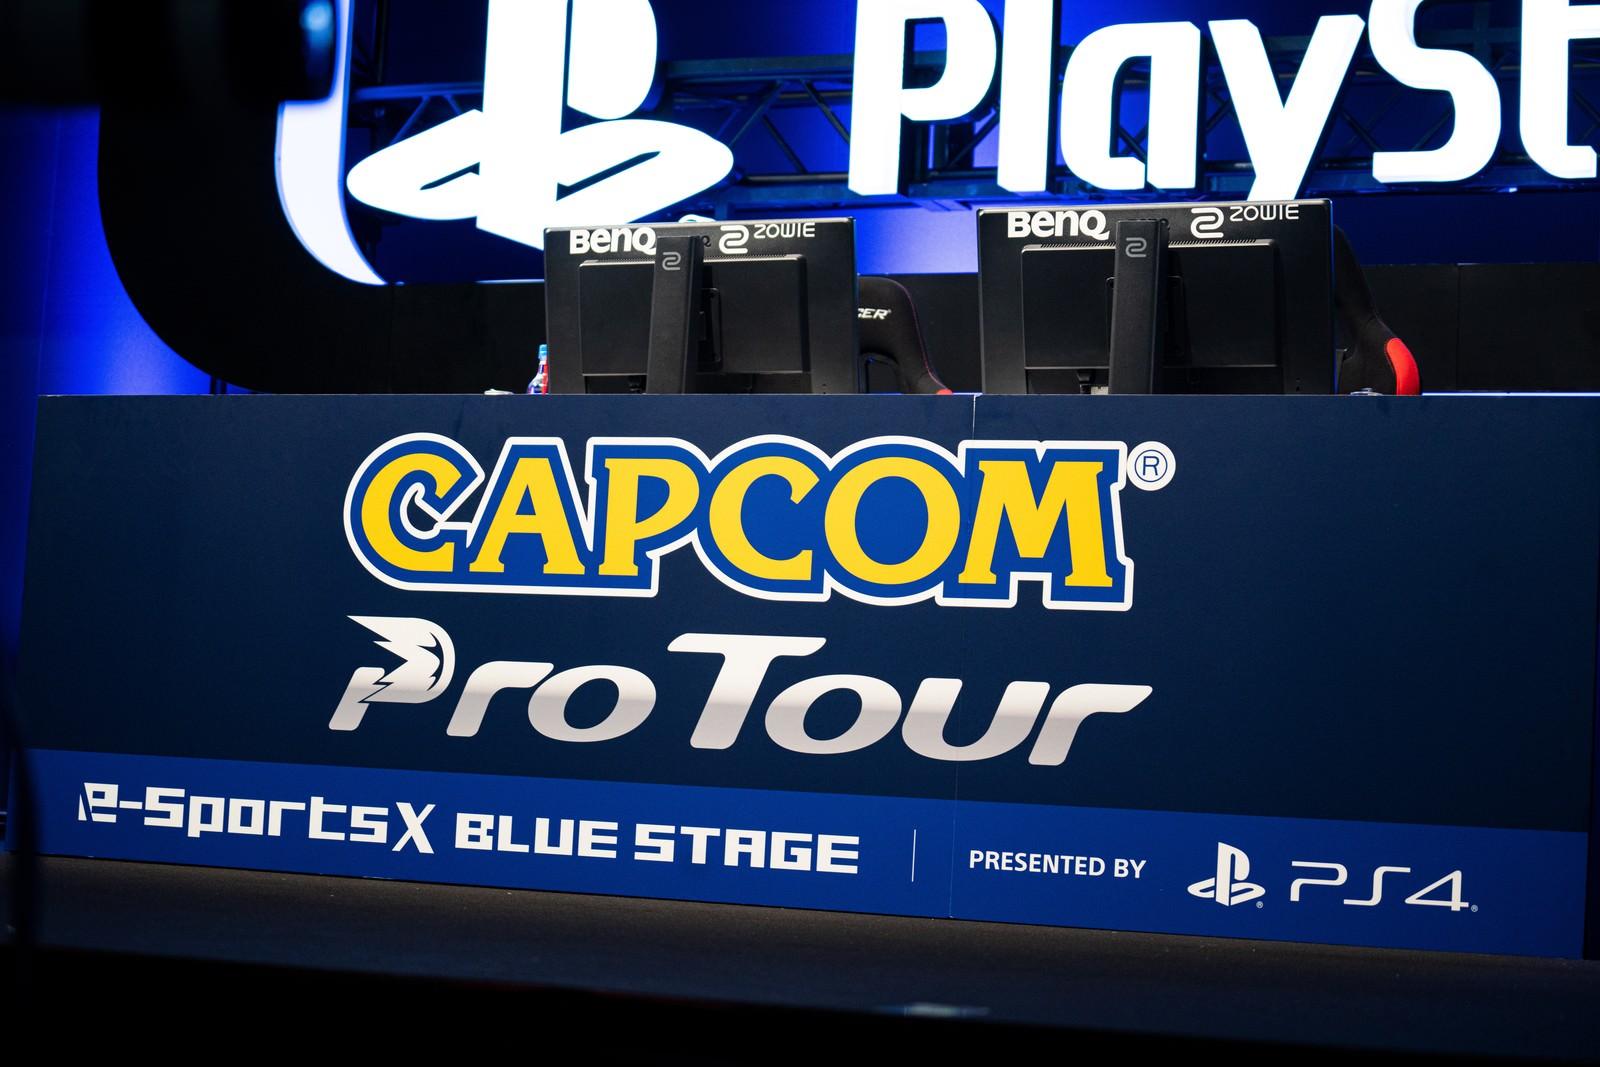 「CAPCOM Pro Tour ロゴ - CAPCOM Pro Tour 2019 アジアプレミア」の写真